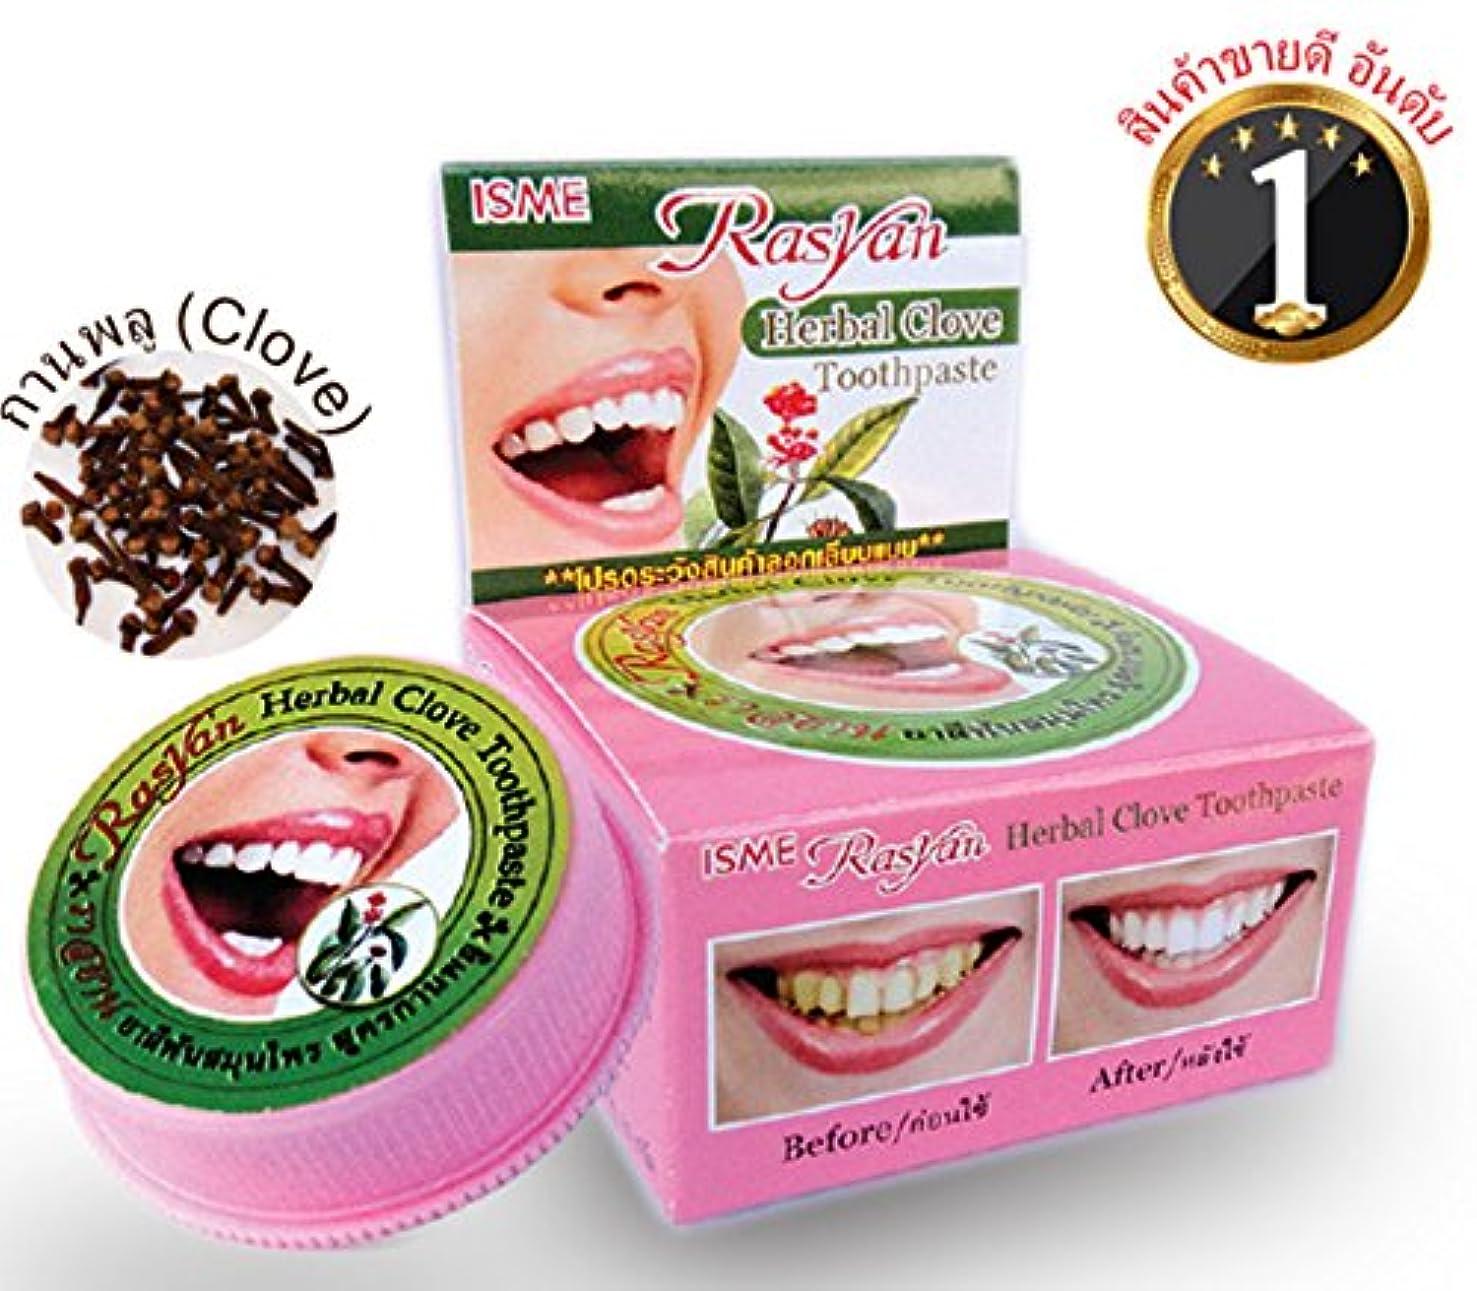 消去ミトンポゴスティックジャンプ練り歯磨き ハーブ Thai Herbal Rasyan Herbal Clove Toothpaste (5 Gram Size) 2 Pcs.